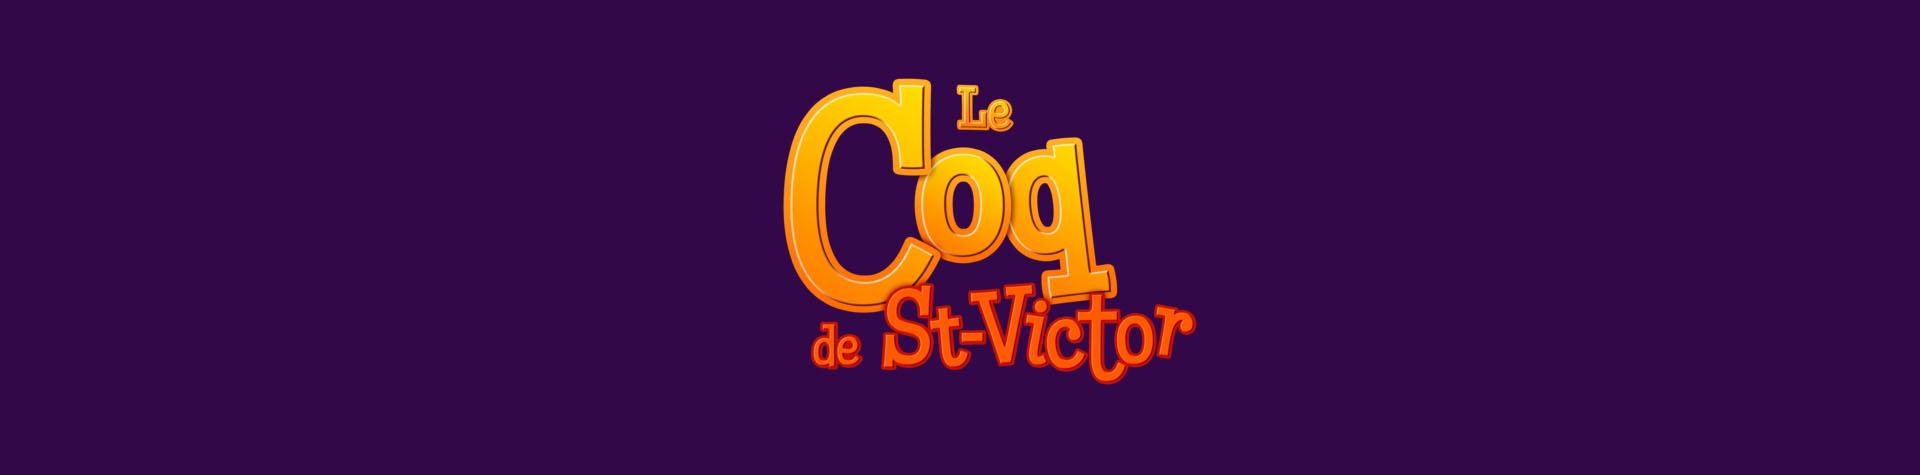 Le logo Le Coq de St-Victor L'Alarme